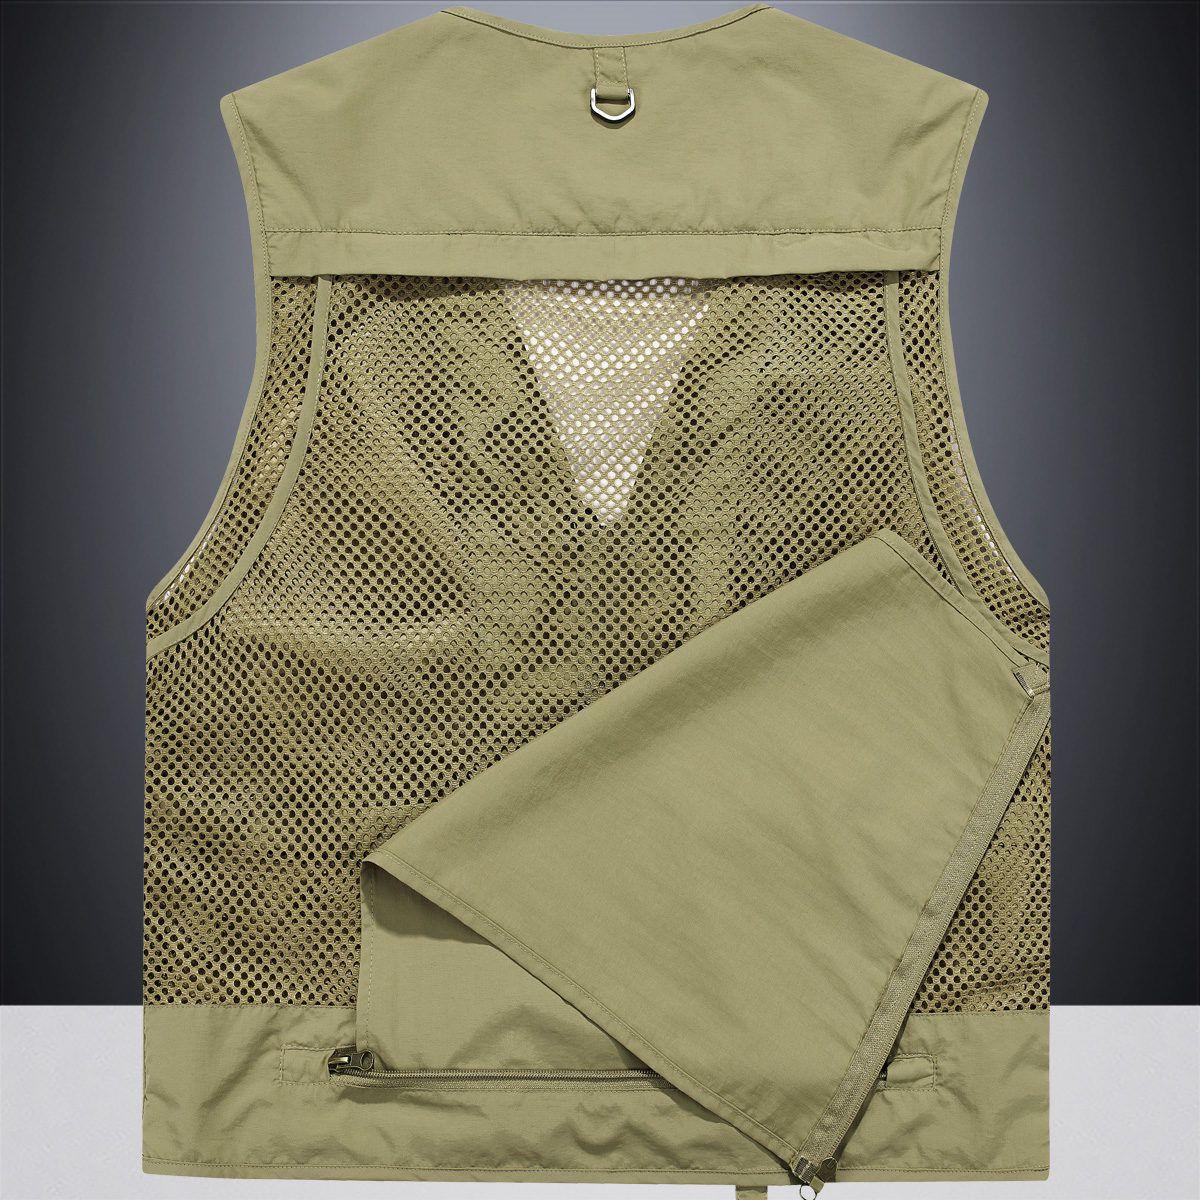 Mens Vest 2021 new loose large jacket fishing mesh vest sleeveless Camisole